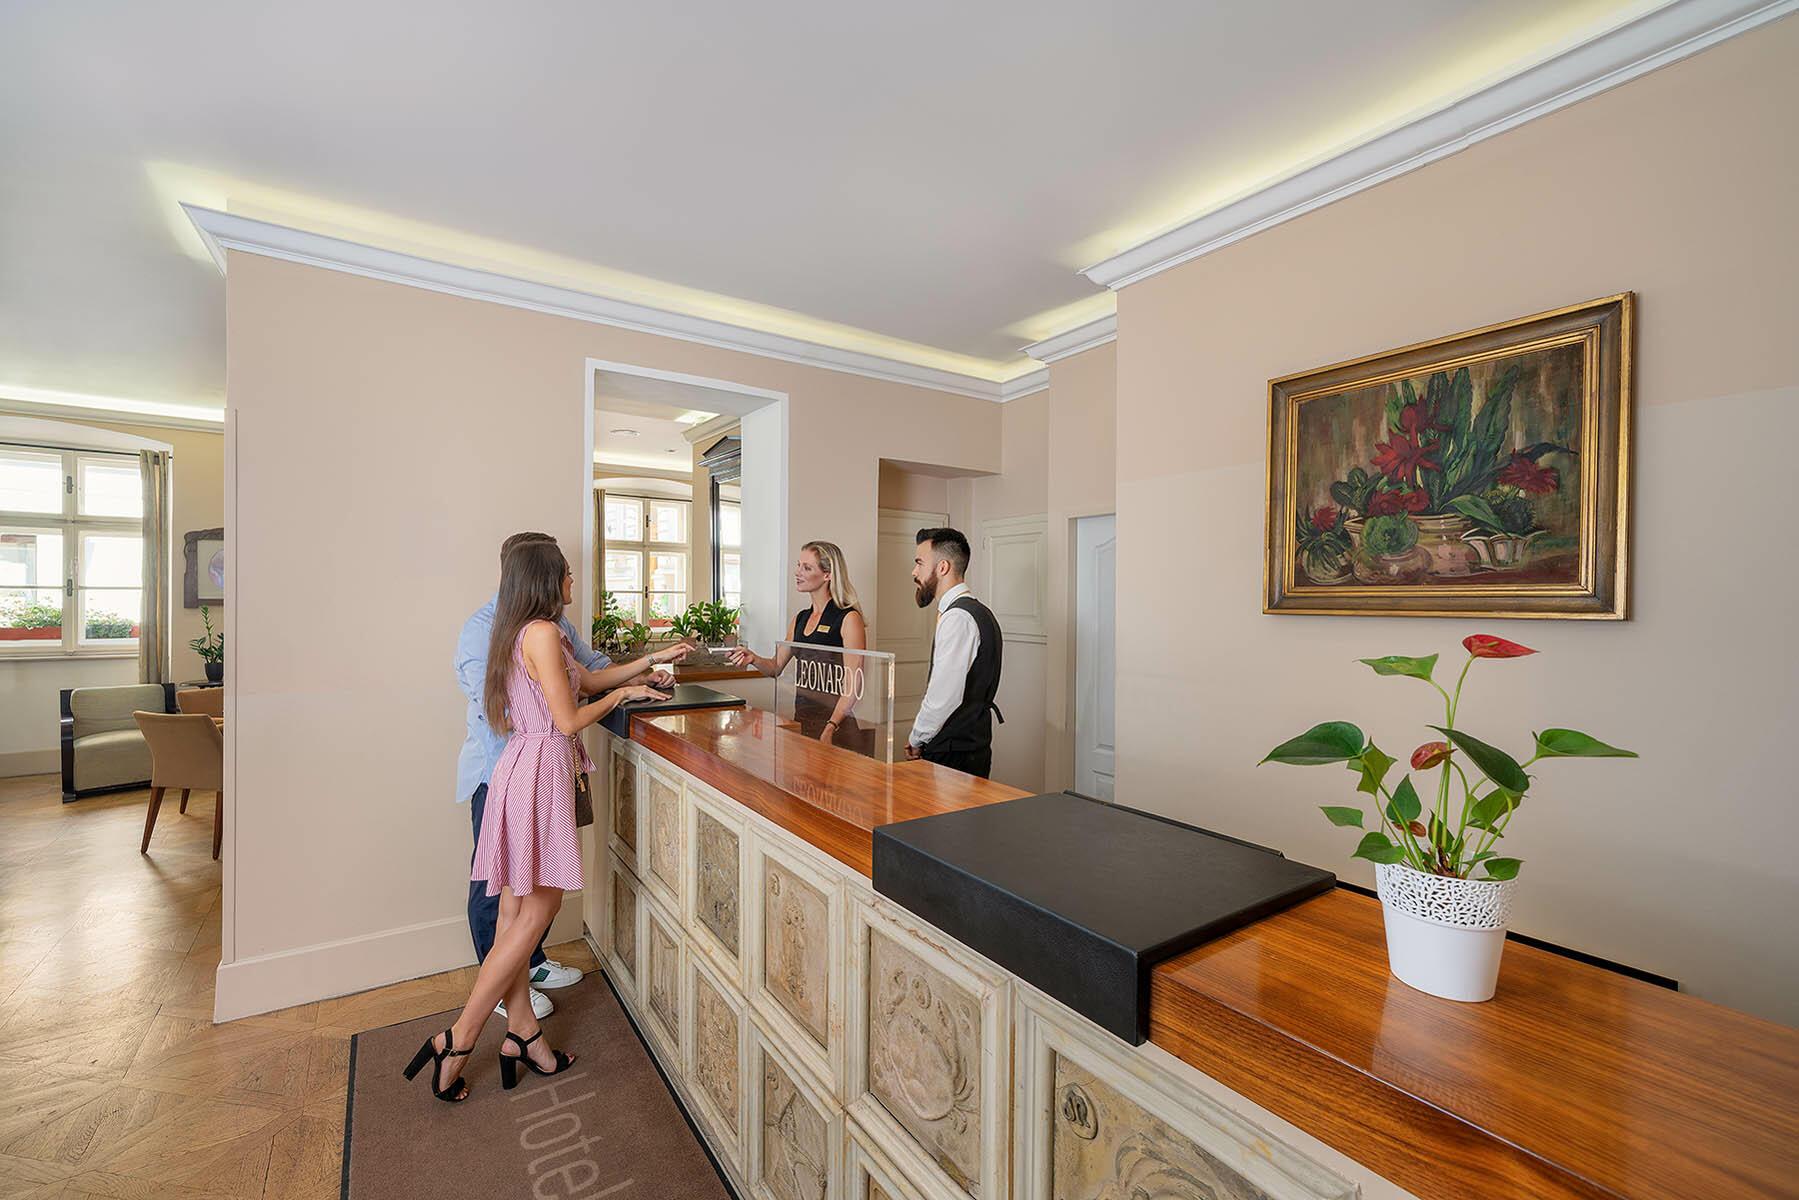 Guest Check-in at Hotel Leonardo, Prague 1, Czech Republic